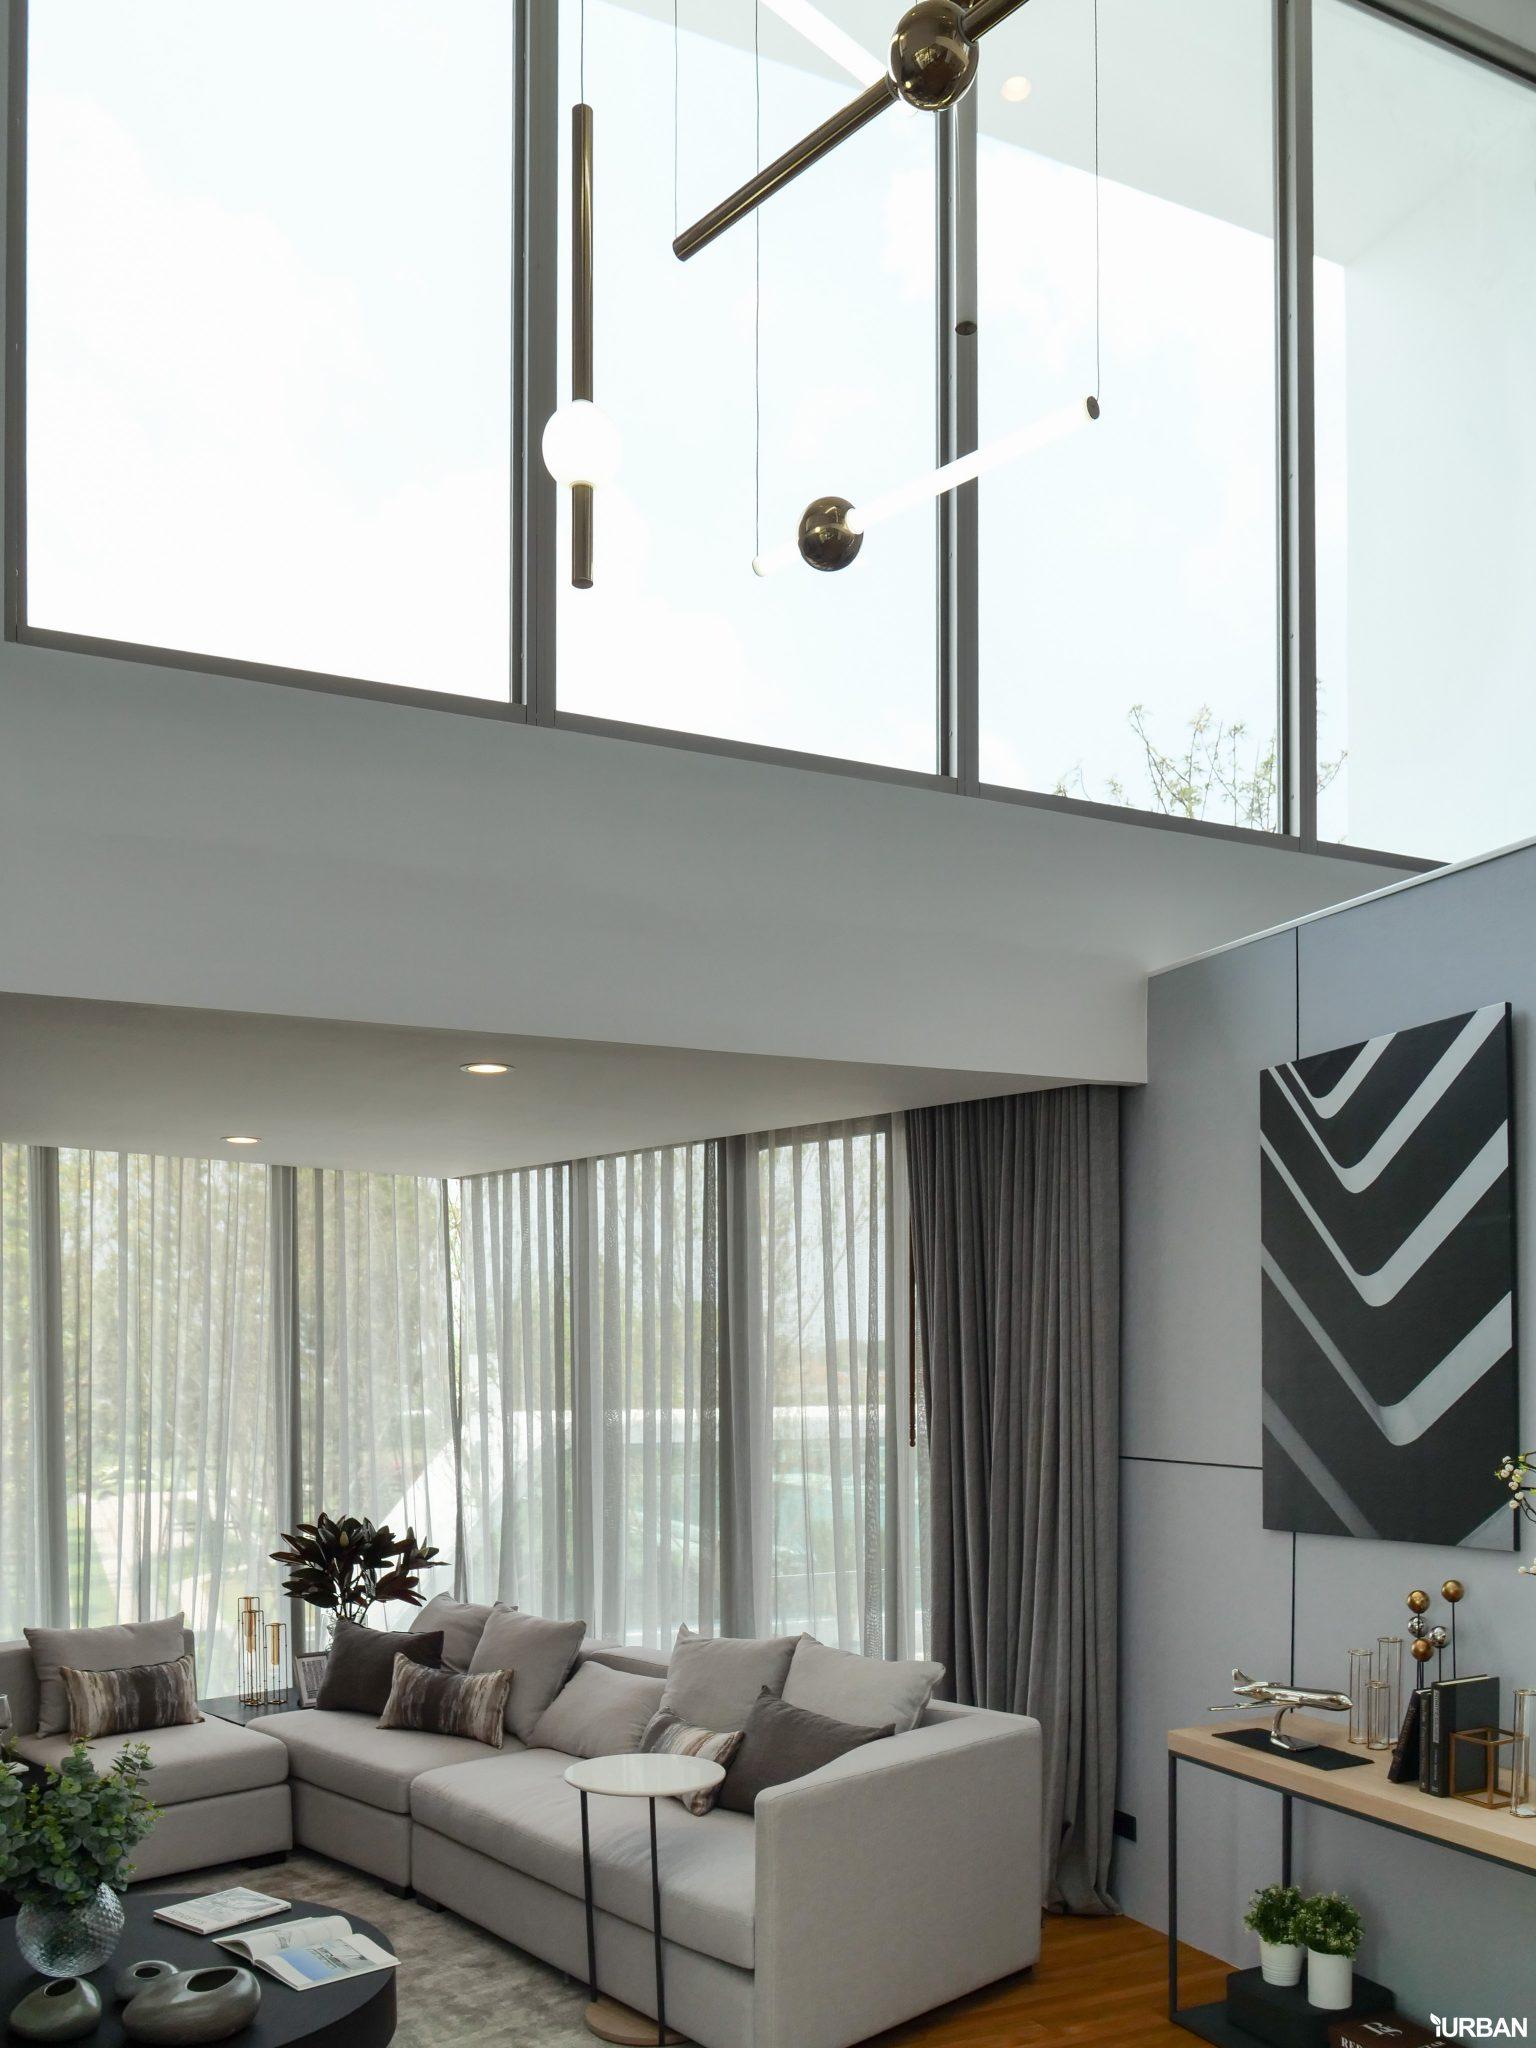 """""""เนอวานา ไดอิ"""" ปฏิวัติรูปแบบการอยู่อาศัย พร้อมเปิดโครงการ """"เนอวานา บียอนด์ พระราม 9-กรุงเทพกรีฑา"""" บ้านต้นแบบแนวคิดใหม่ 25 -"""